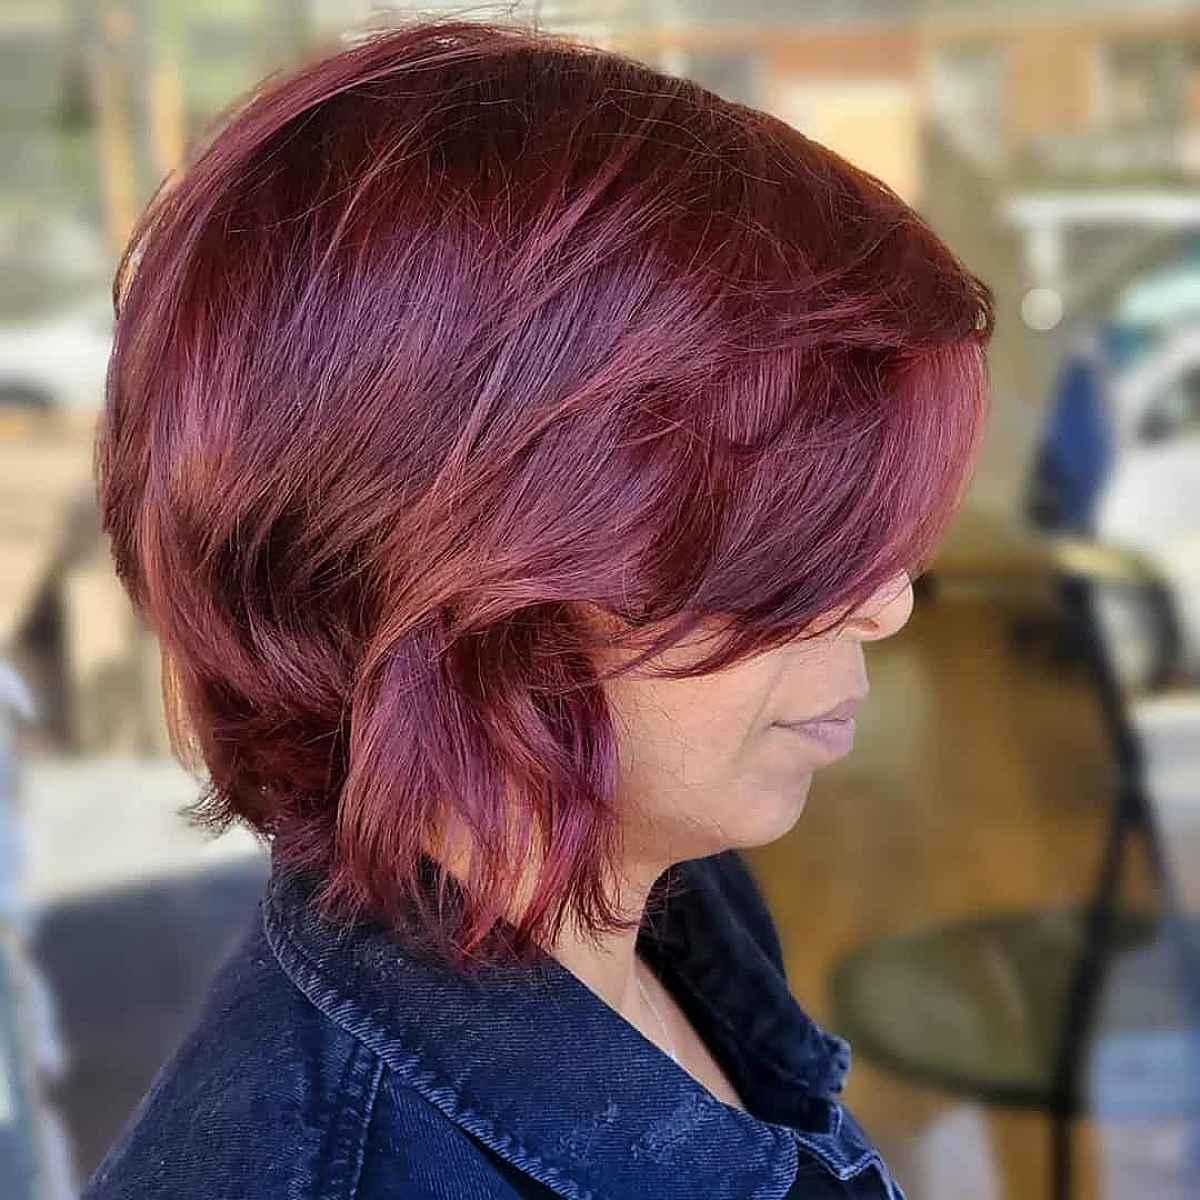 Couleur d'automne rouge prune vibrant pour les femmes de plus de 40 ans.